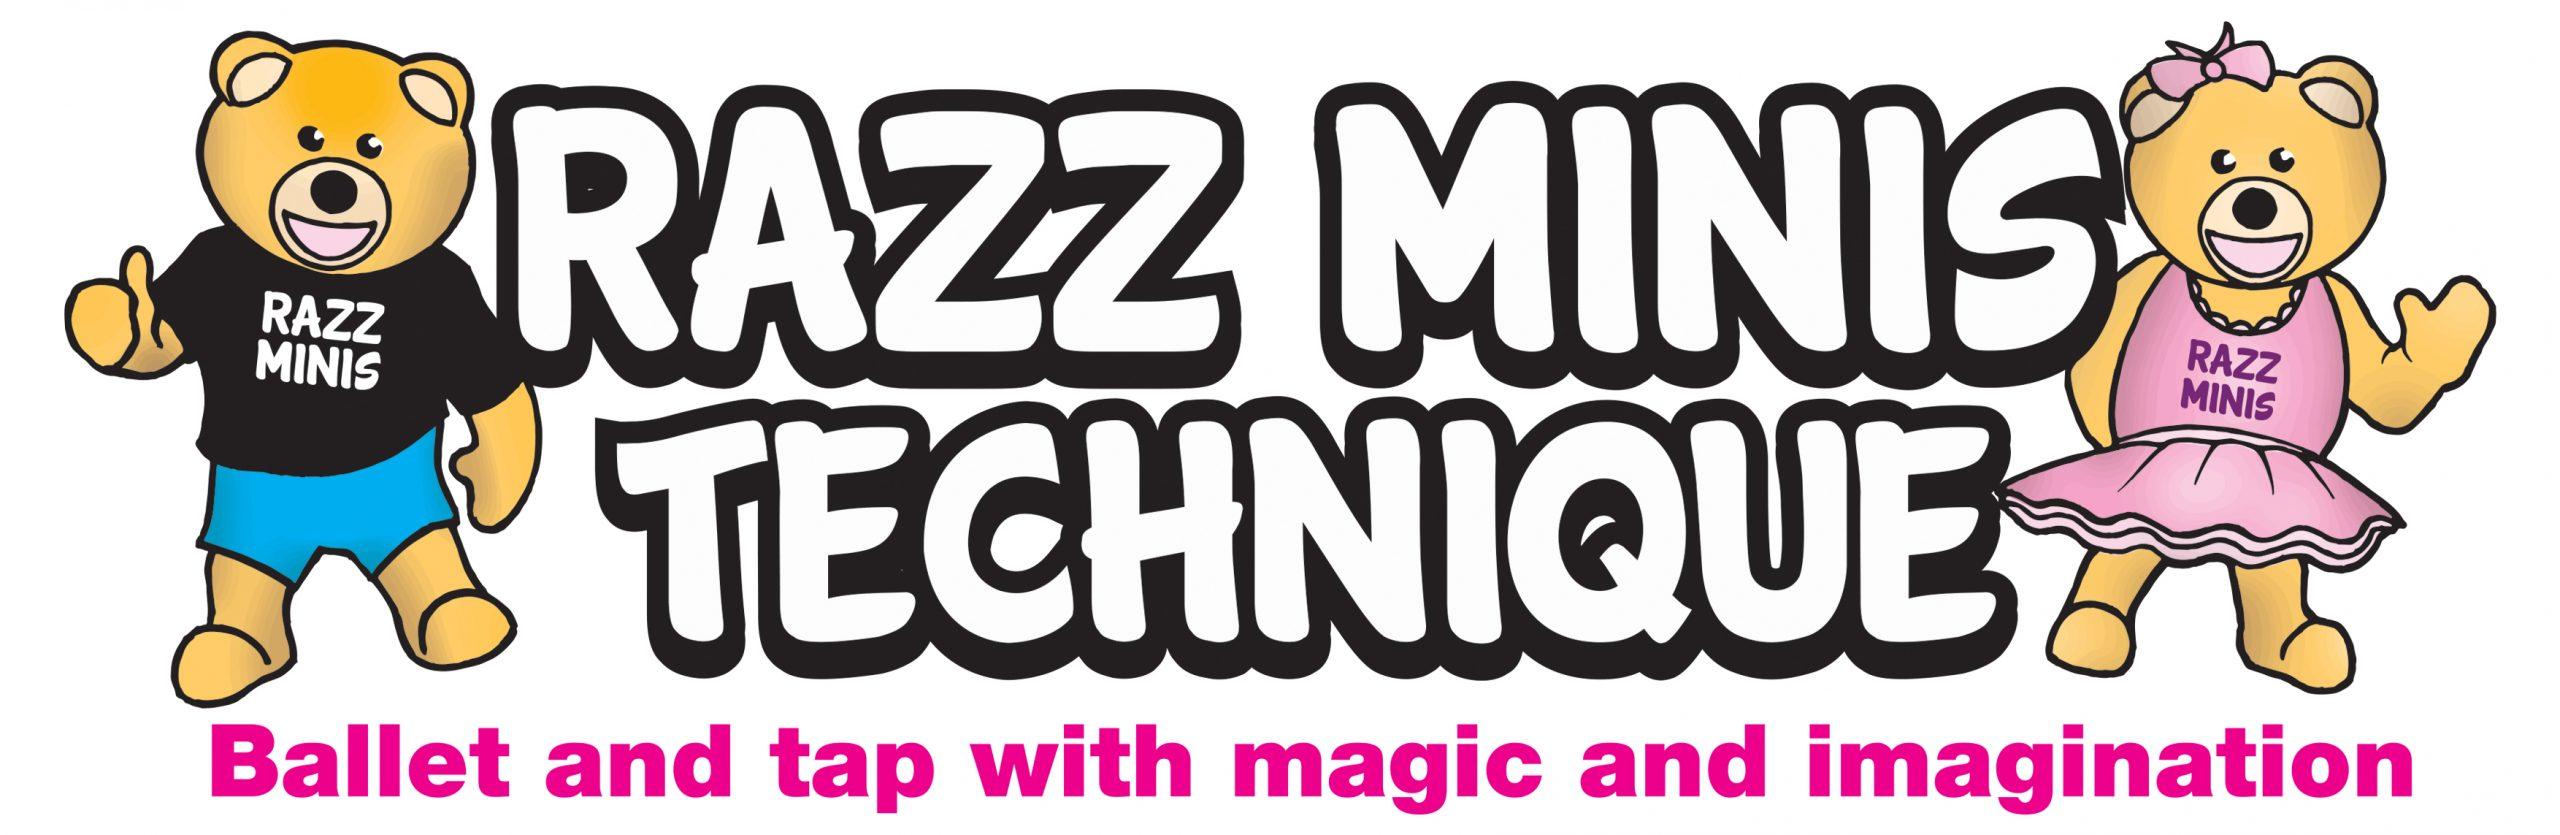 Razz Minis Technique